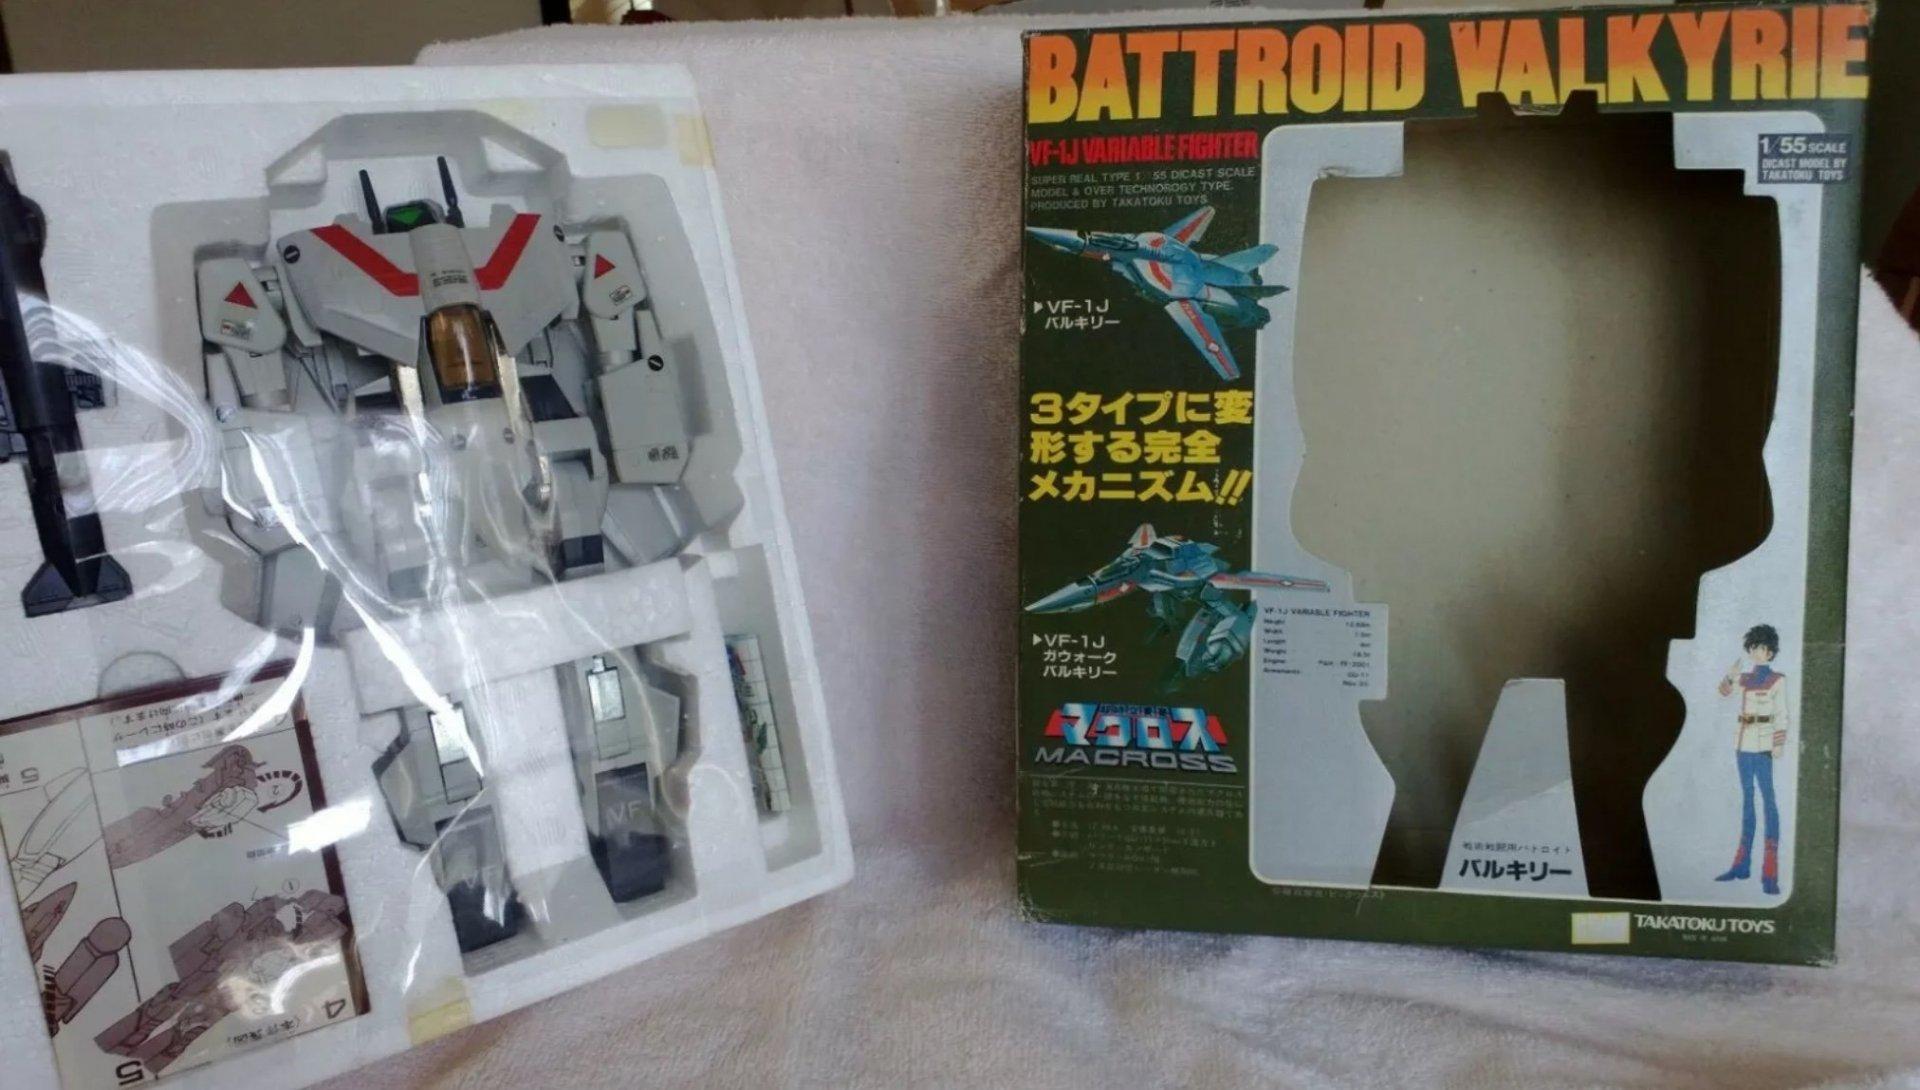 F9B0DD31-32DE-41F0-BFAE-CBAAB9D7F2A6.jpeg